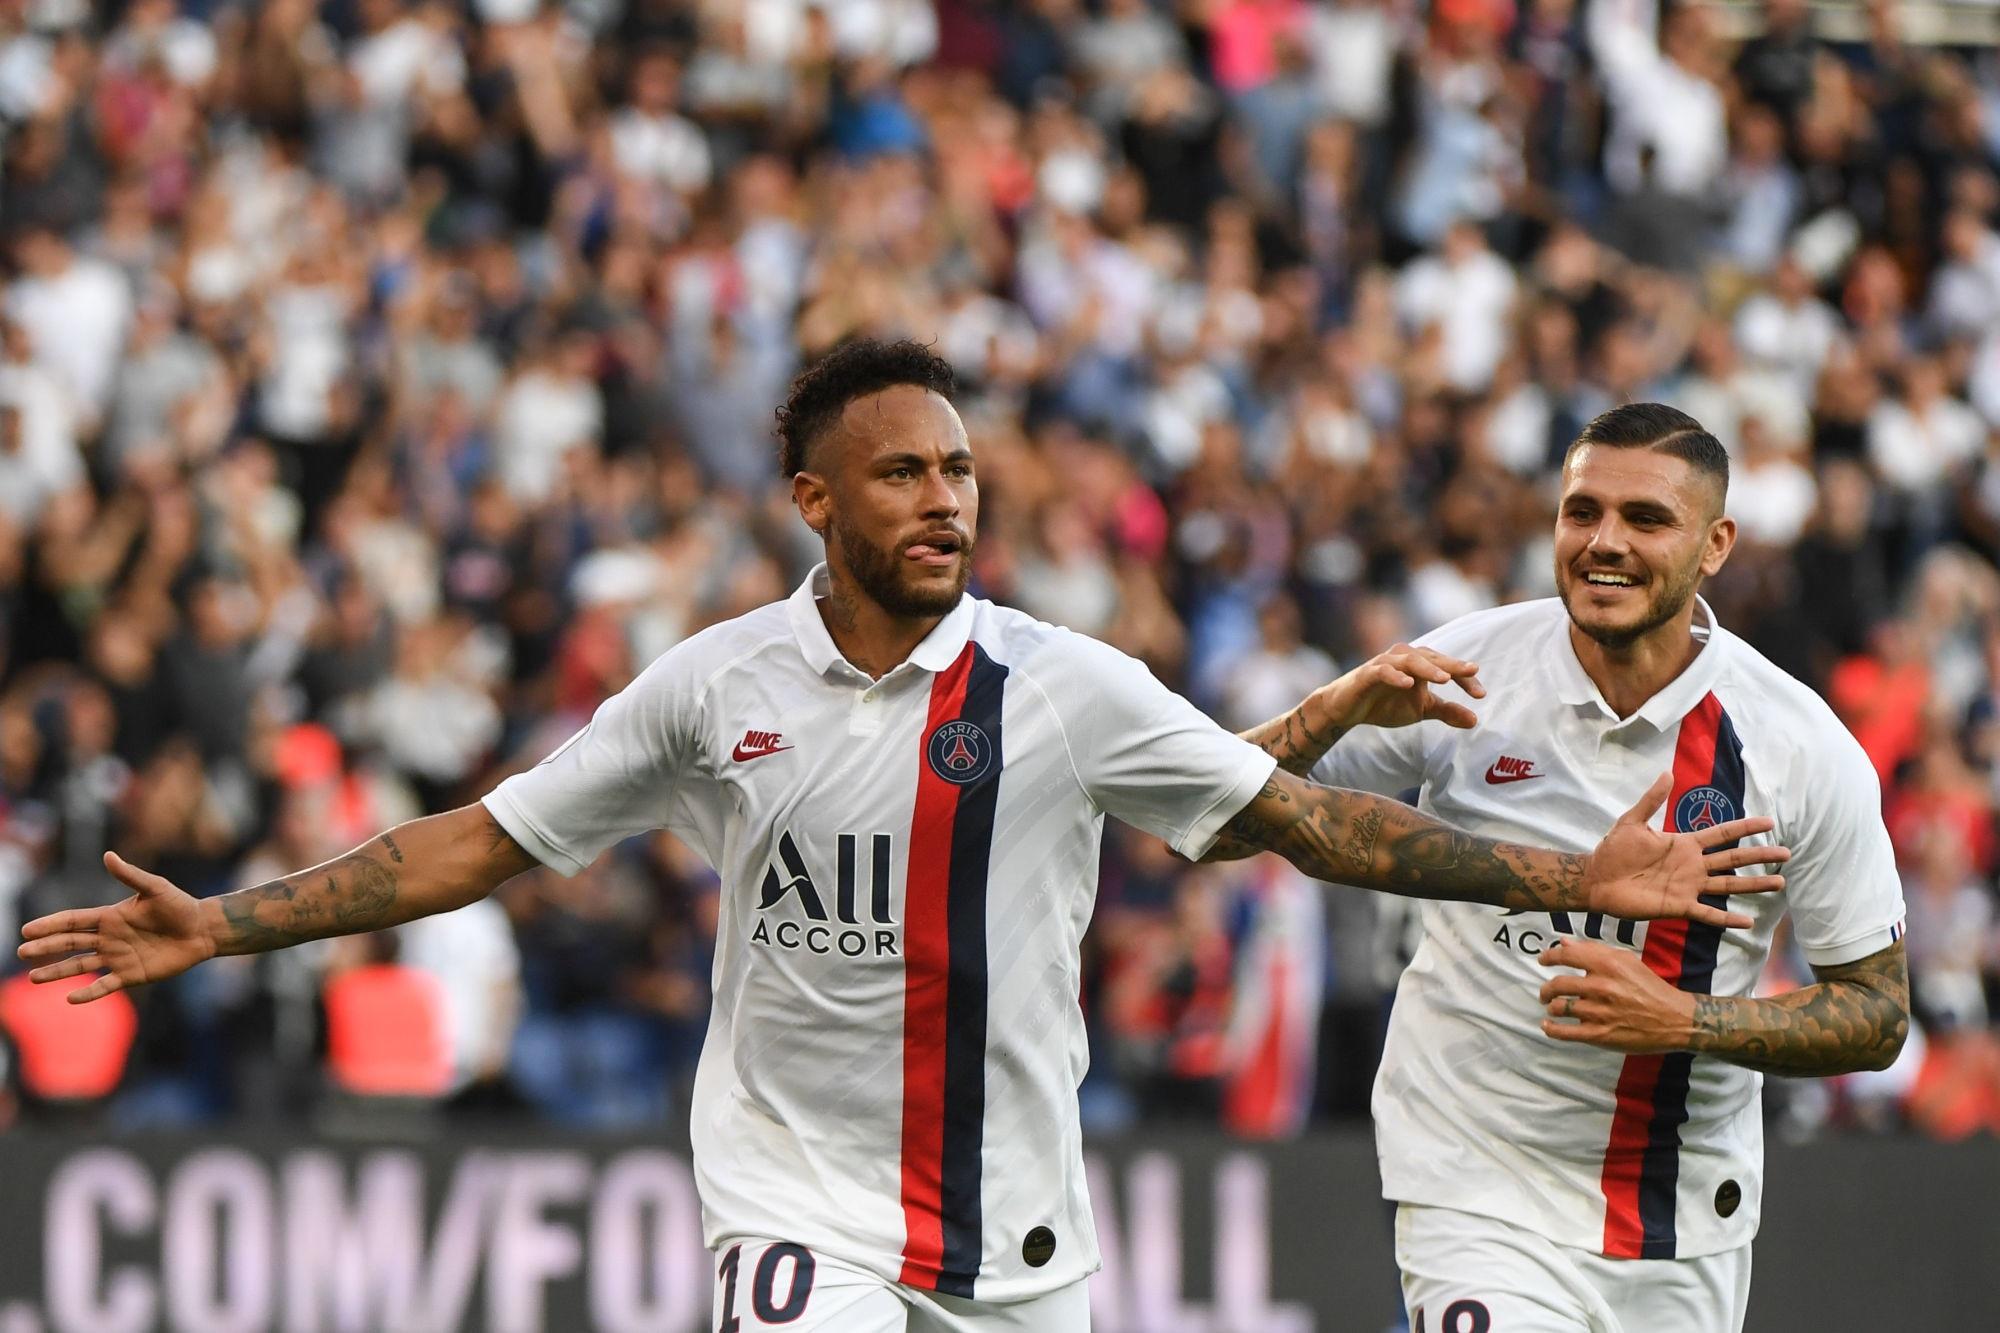 Le retourné de Neymar contre Strasbourg élu plus beau but du PSG cette saison